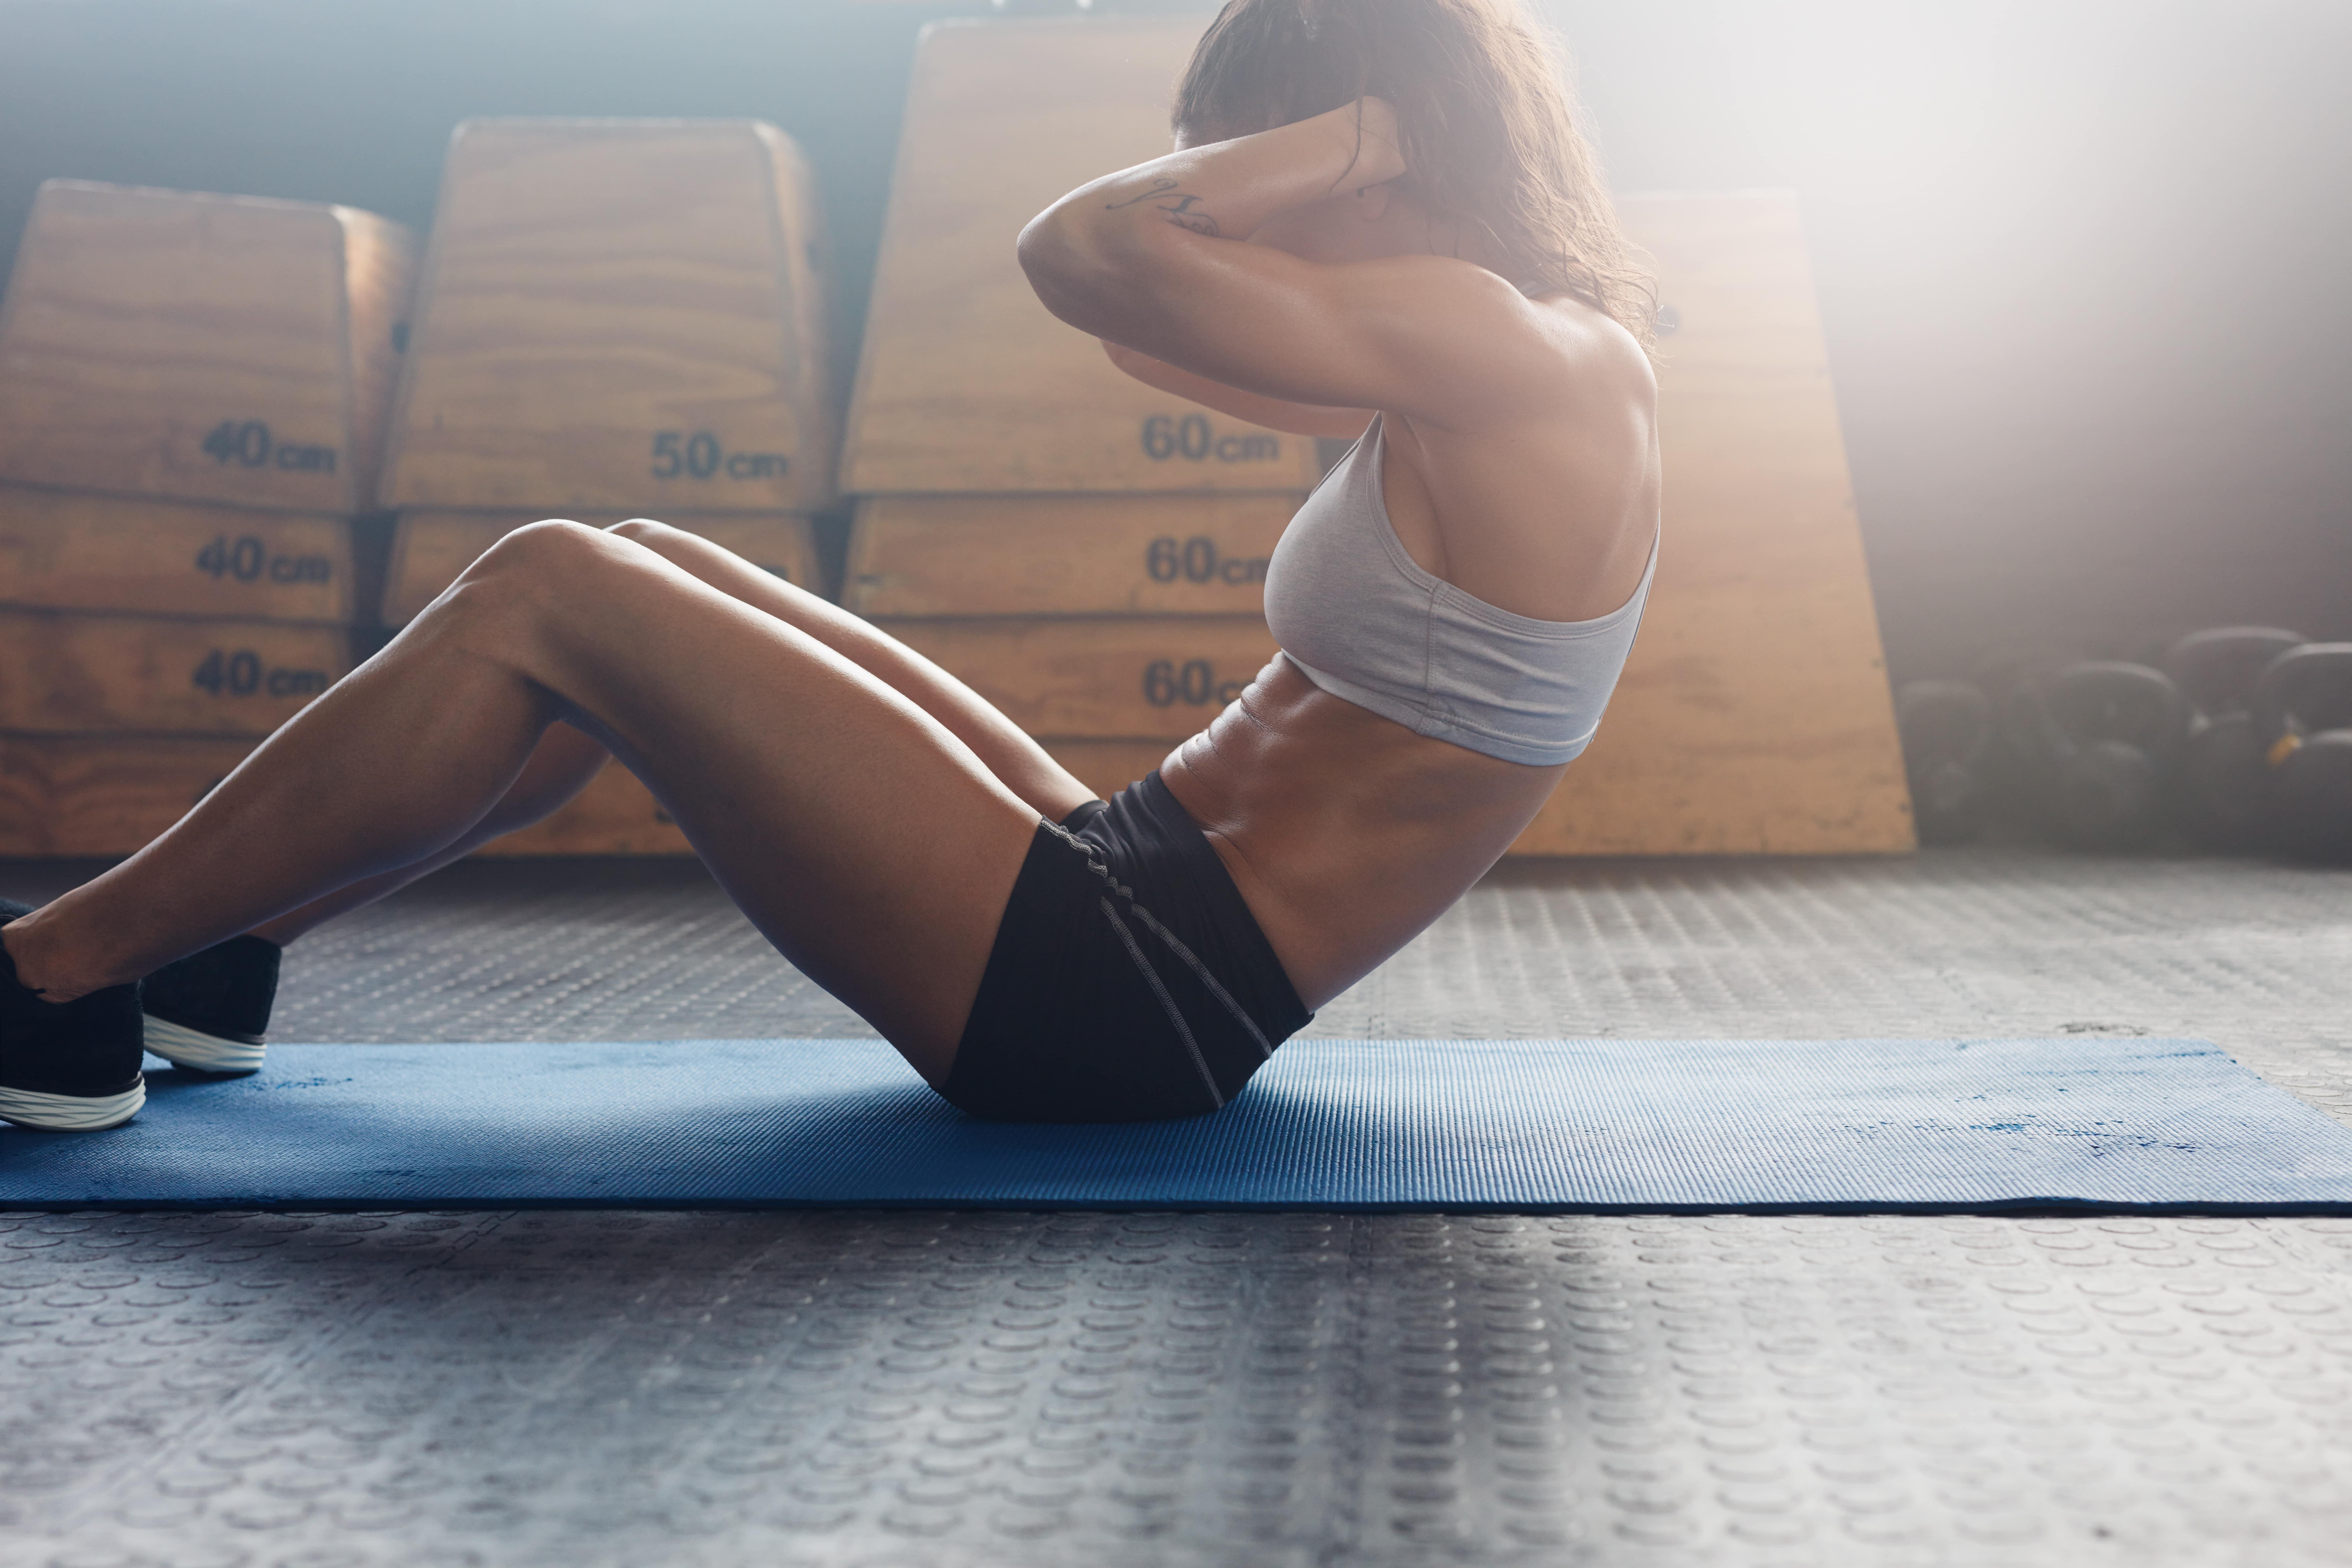 女性におすすめの運動によるダイエット